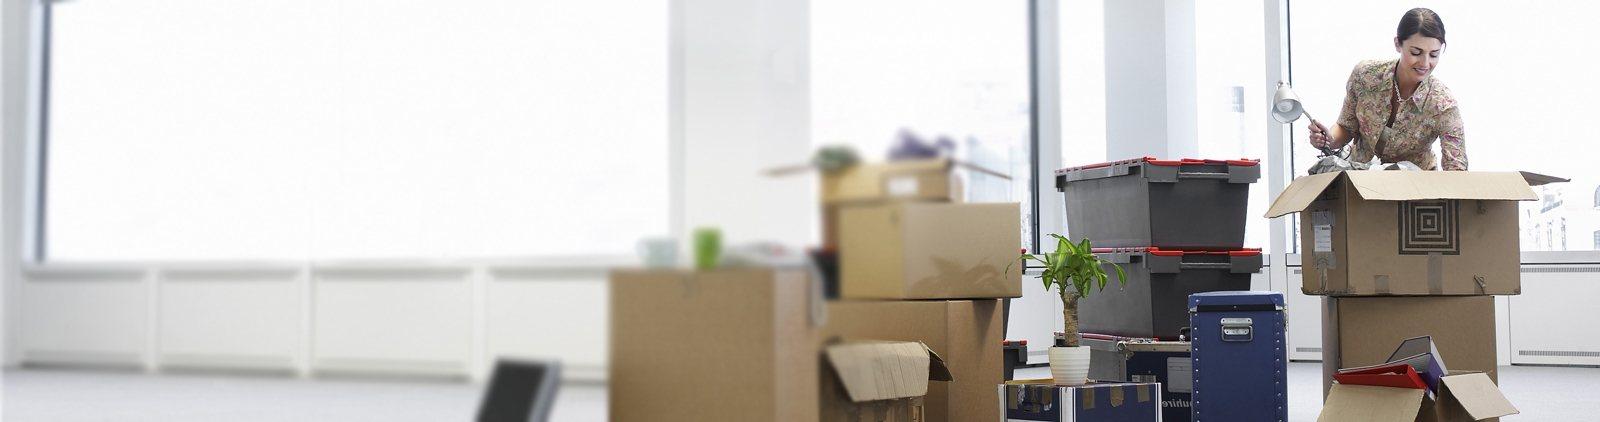 SME - Moving Premises